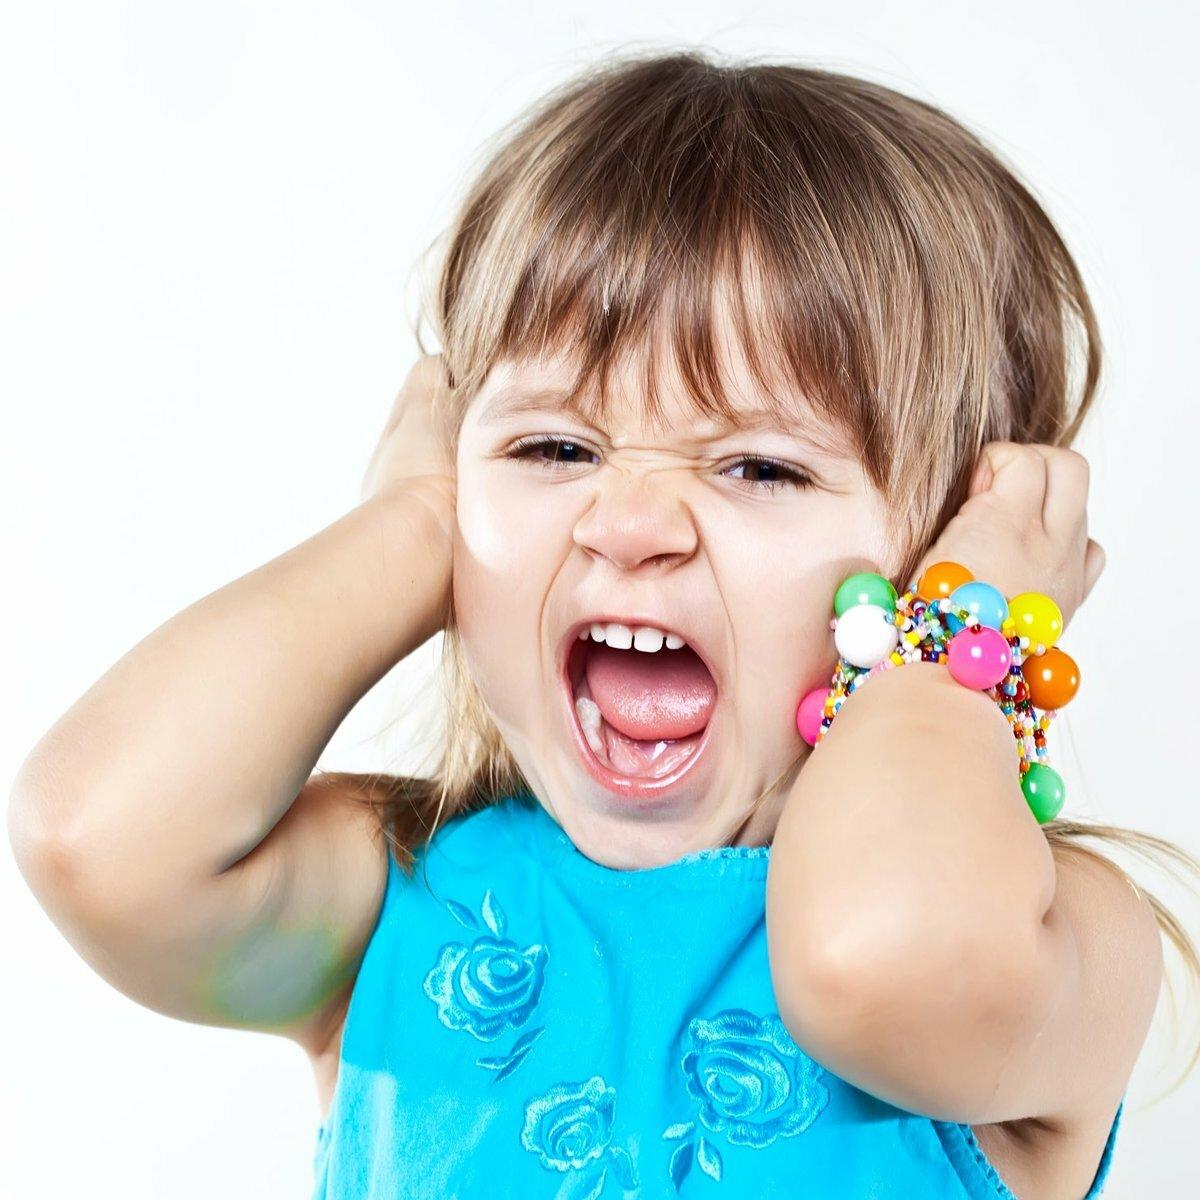 Почему ребенок может капризничать, причины и что делать, советы психологов